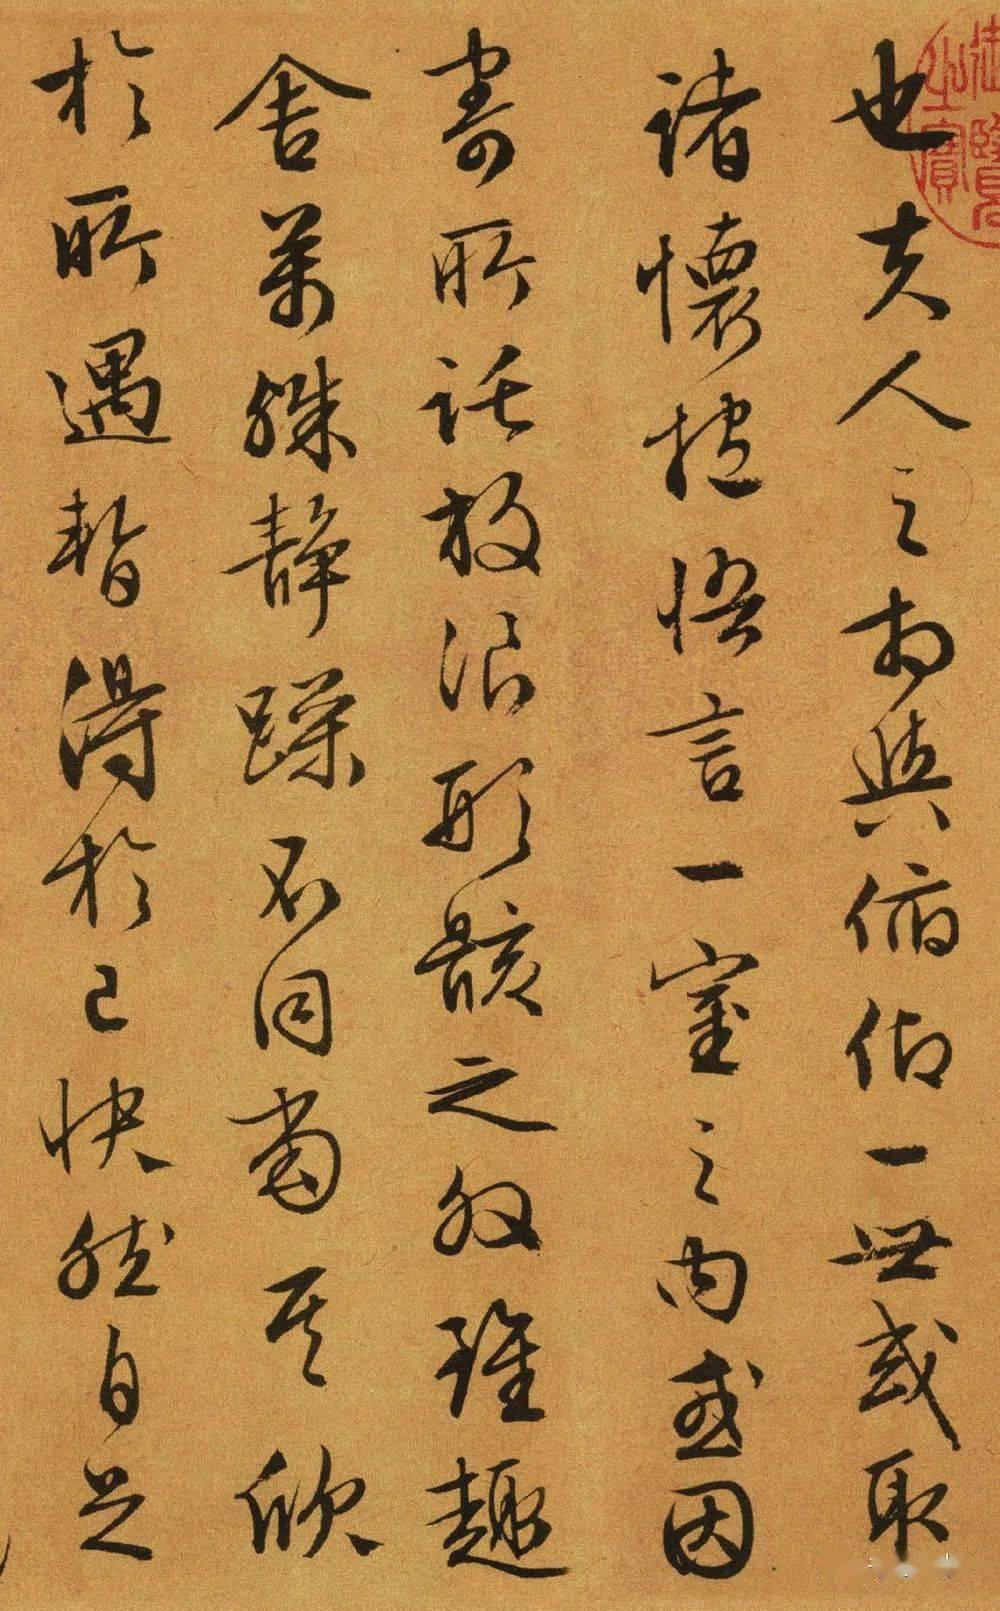 明 文徵明 临兰亭 台北故宫博物院藏